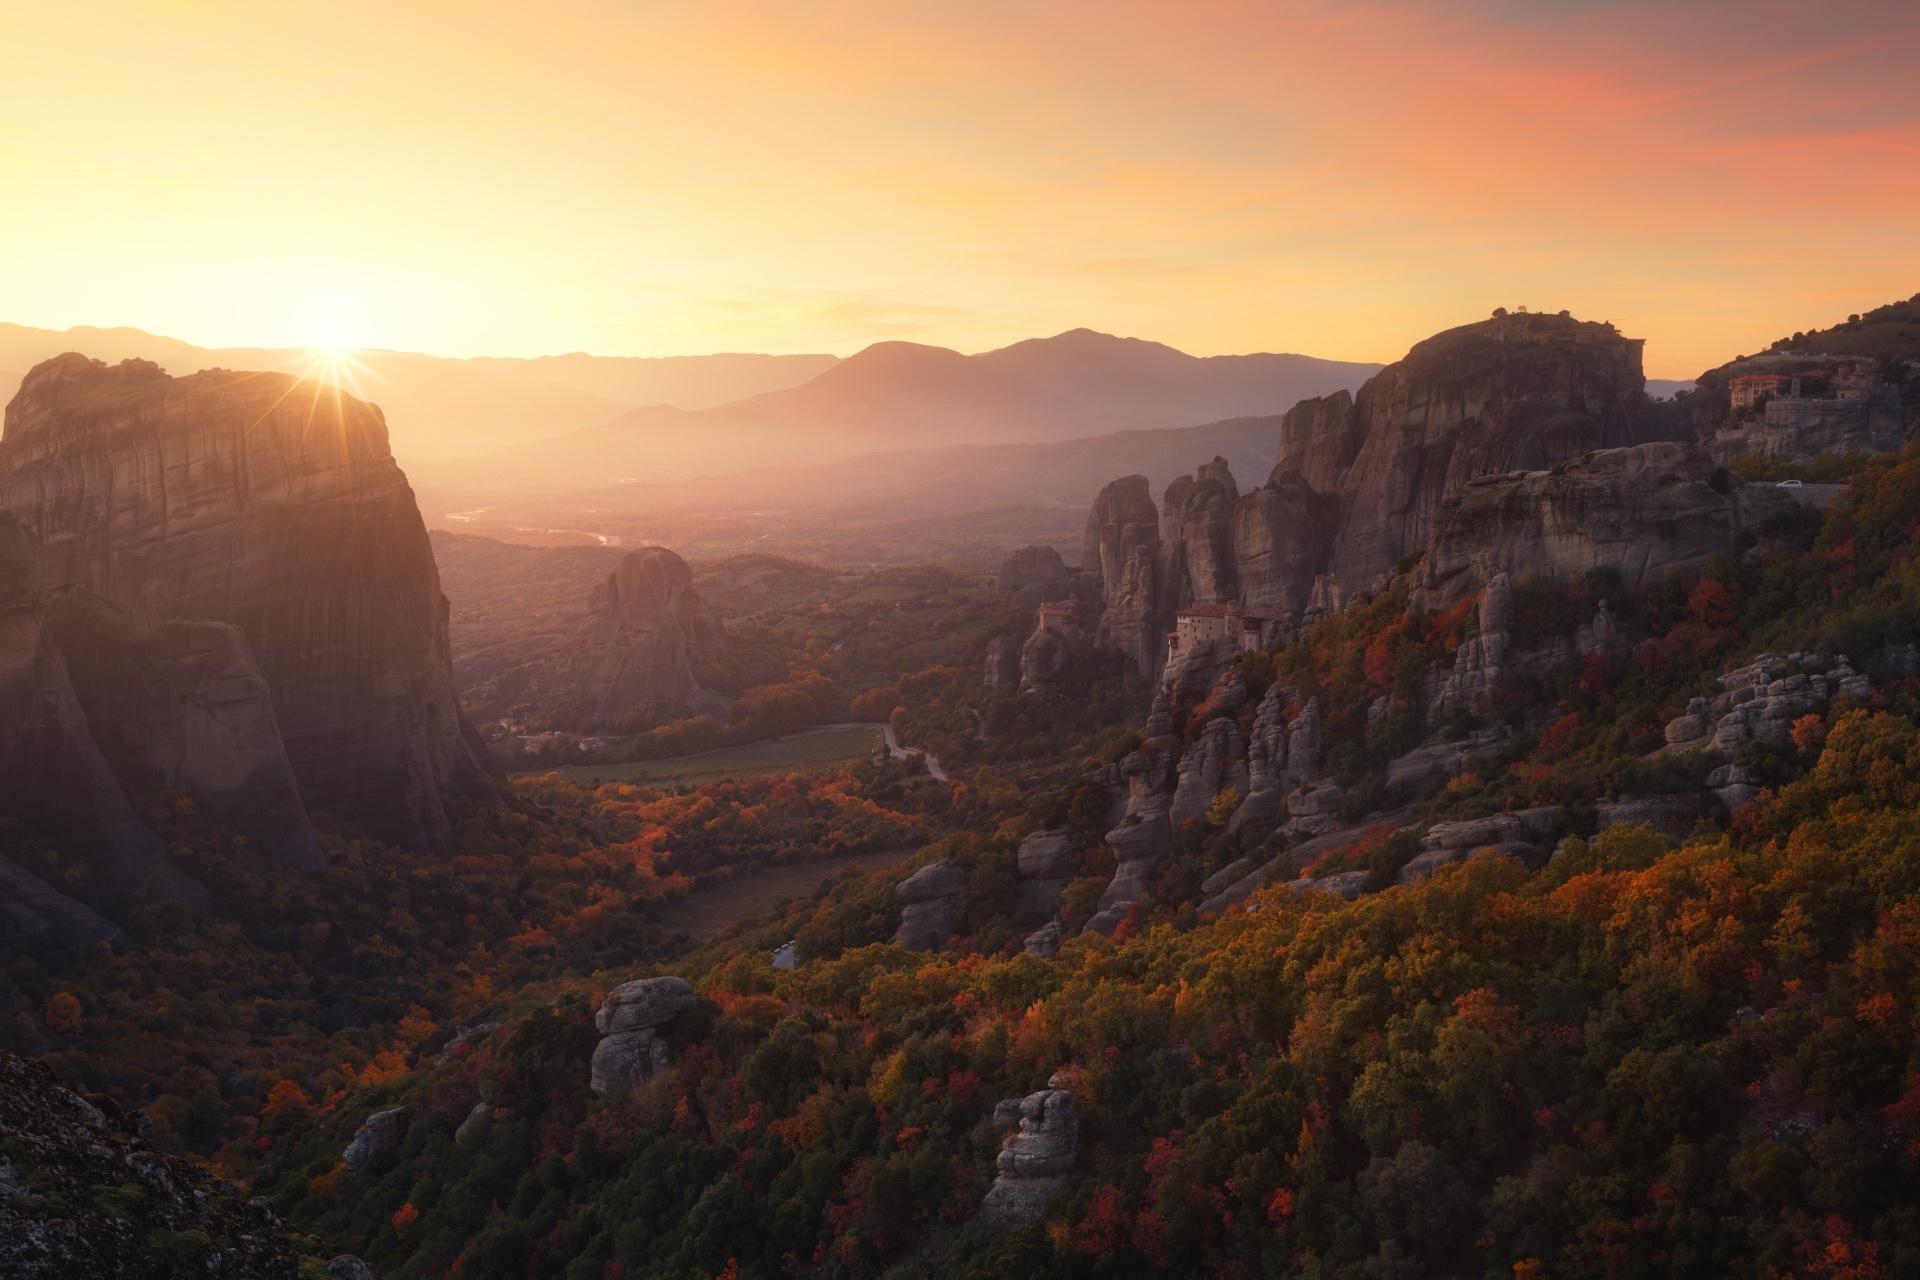 夕暮れのメテオラの風景 ギリシャの風景